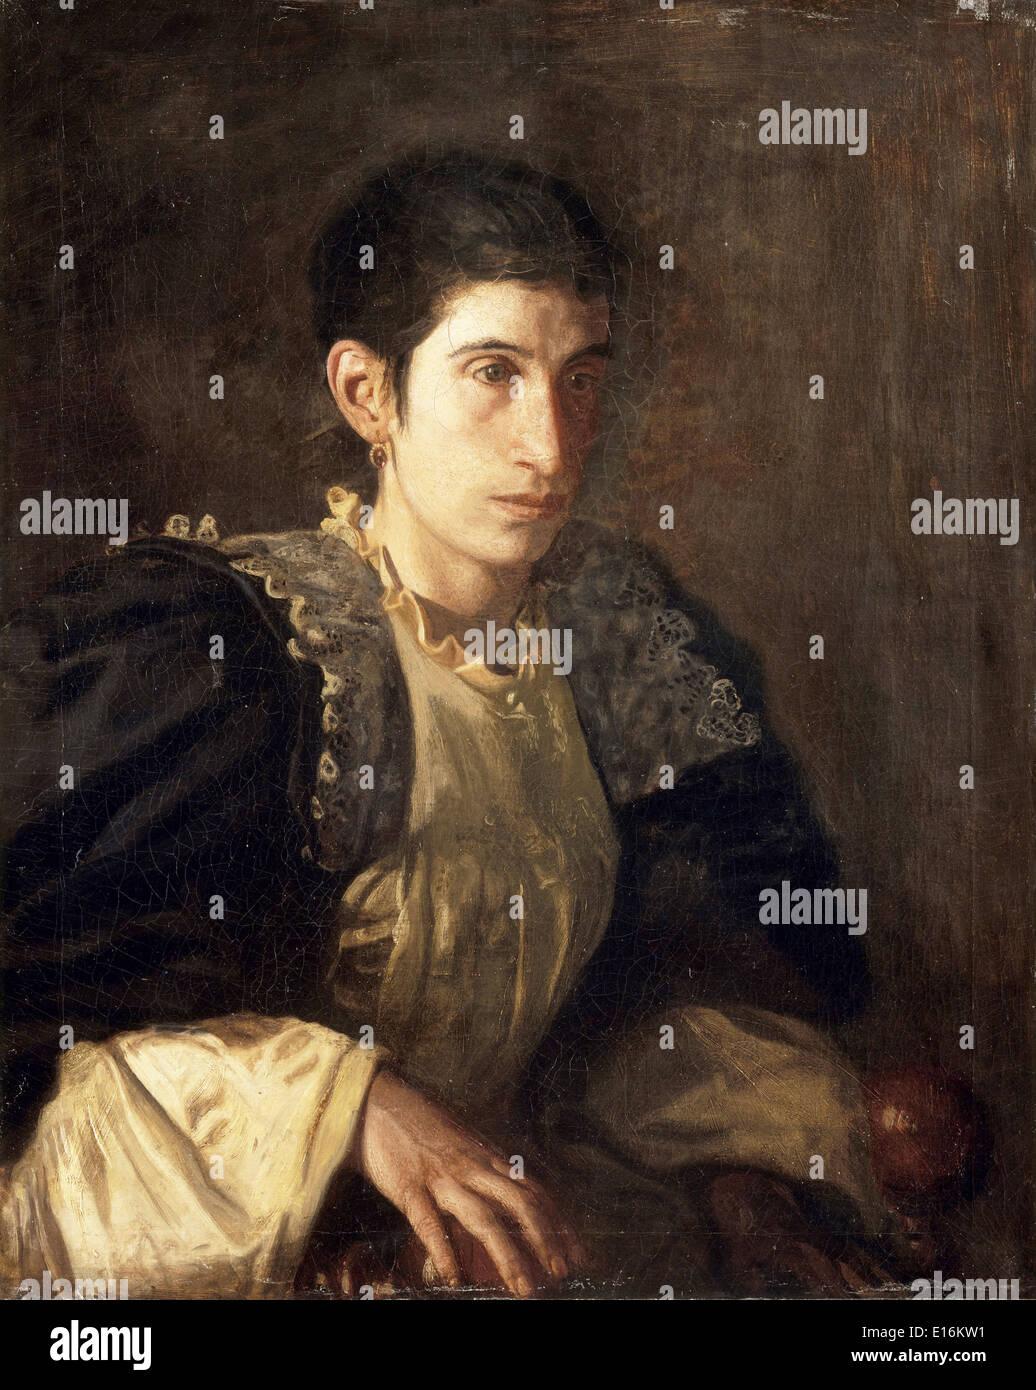 Signora Gomez d'Arza by Thomas Eakins, 1902 - Stock Image